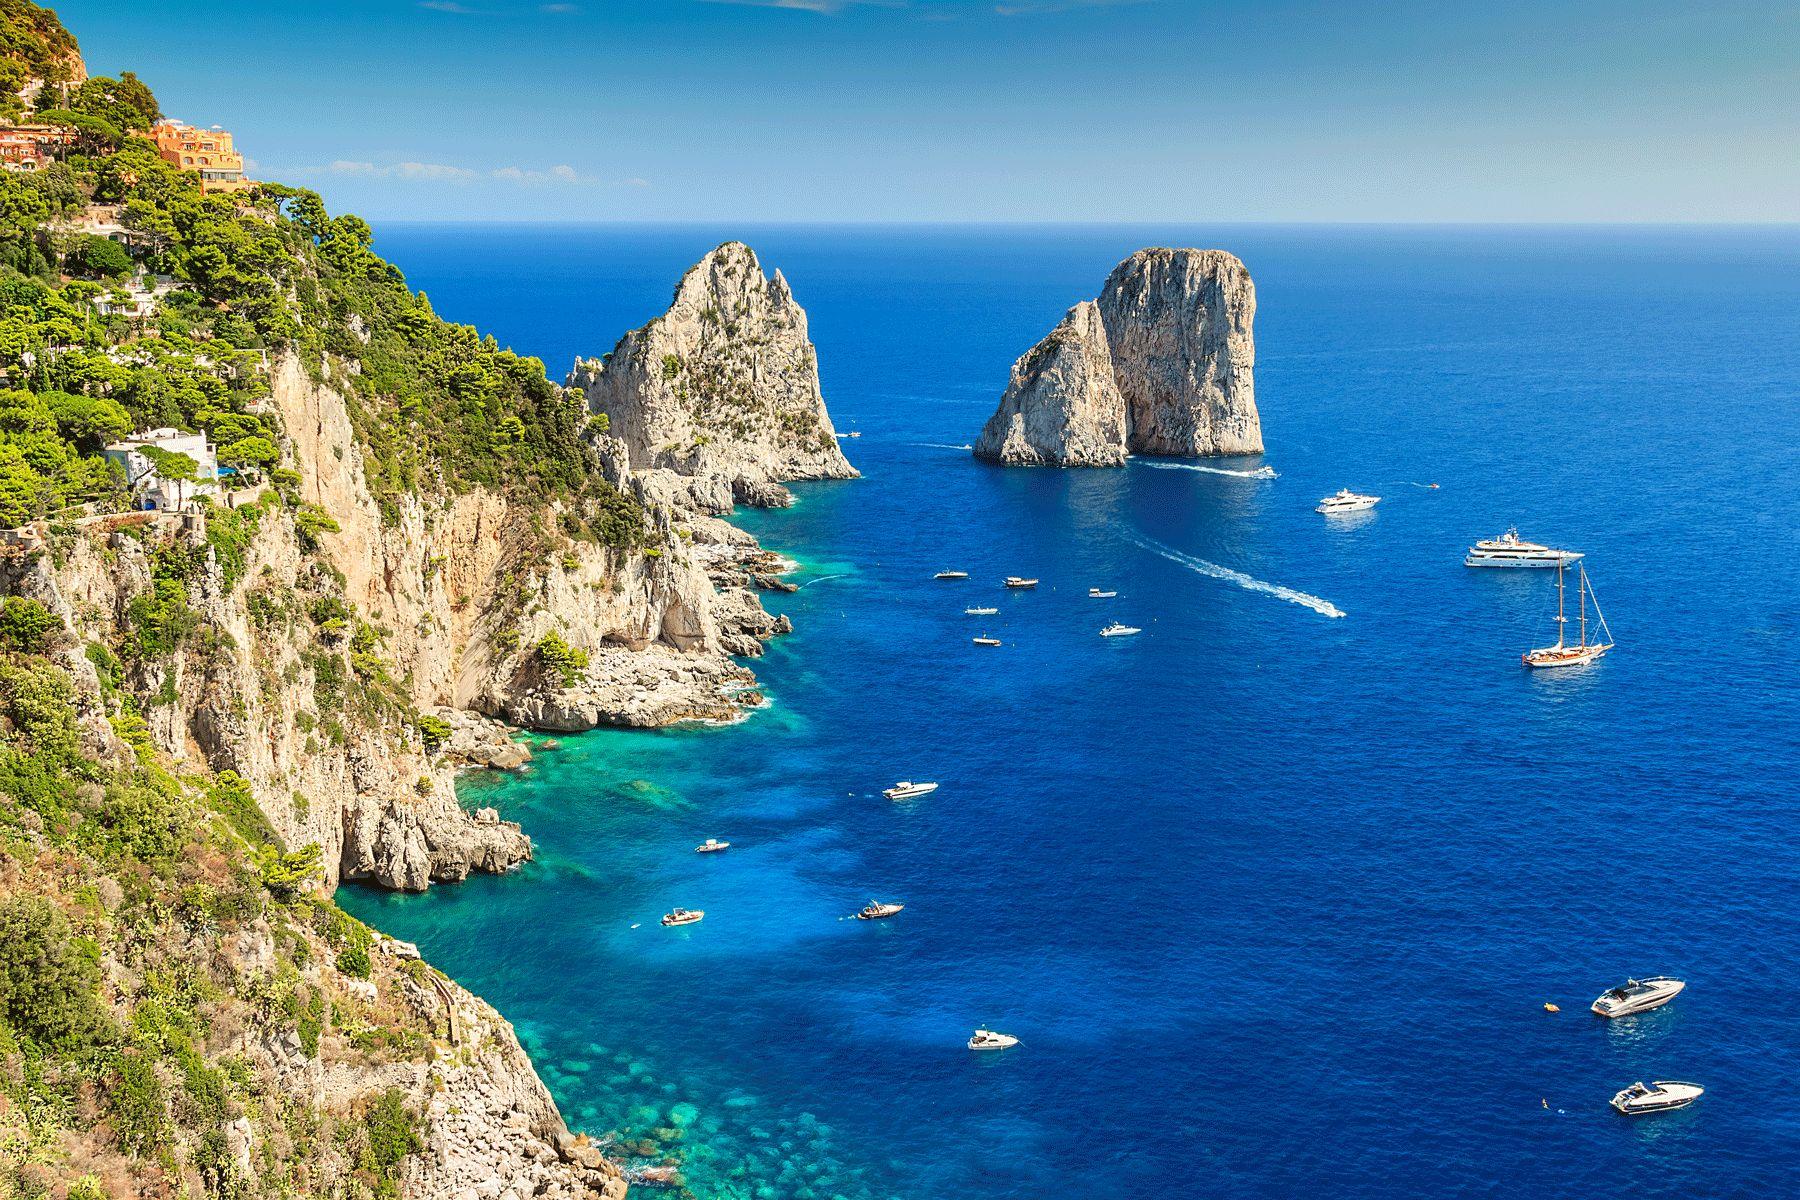 Insel Capri Faraglioni iStock516110847 web